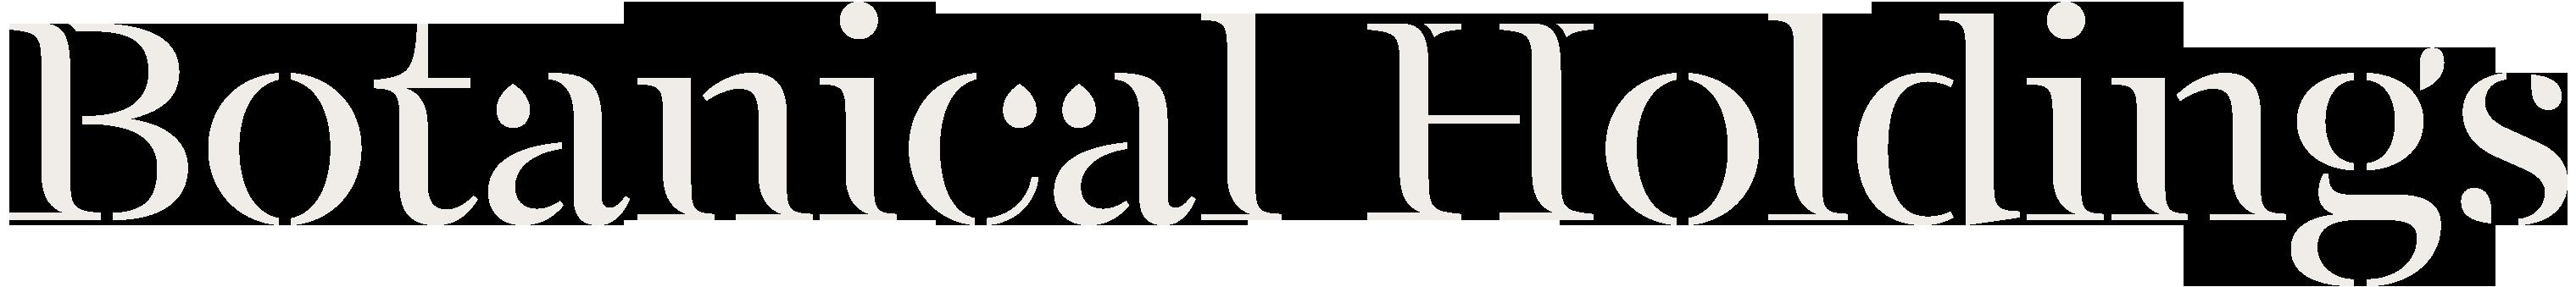 about Botanical Holdings logo